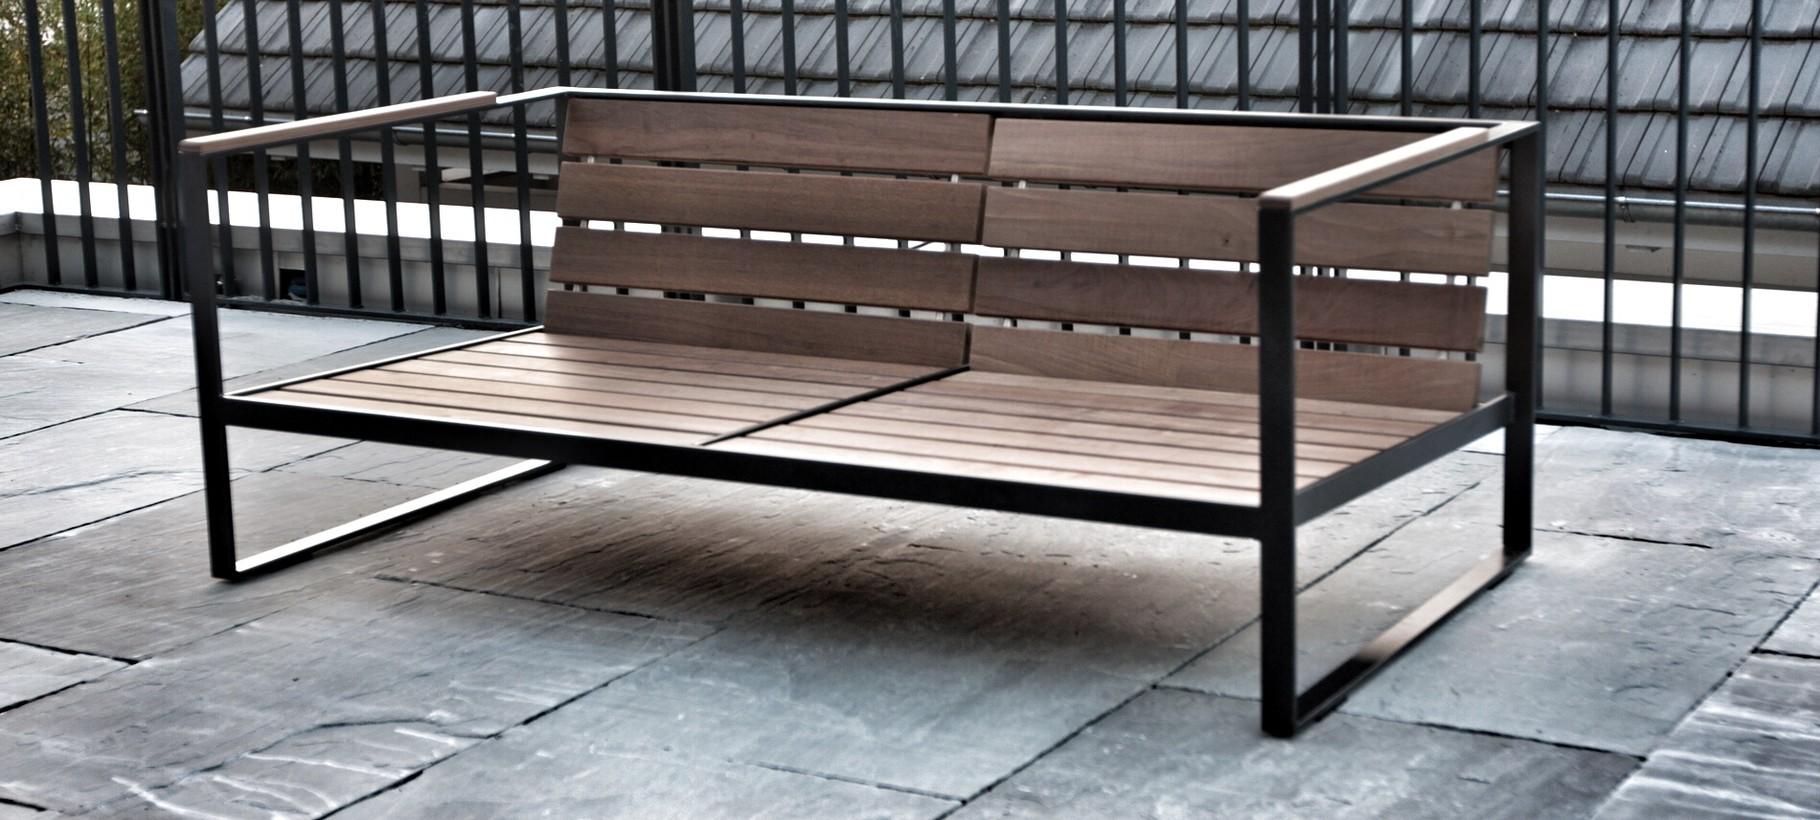 Gartenlounge metall  Start - Gartenlounge Schweiz für Design Garten Metall Lounge Möbel